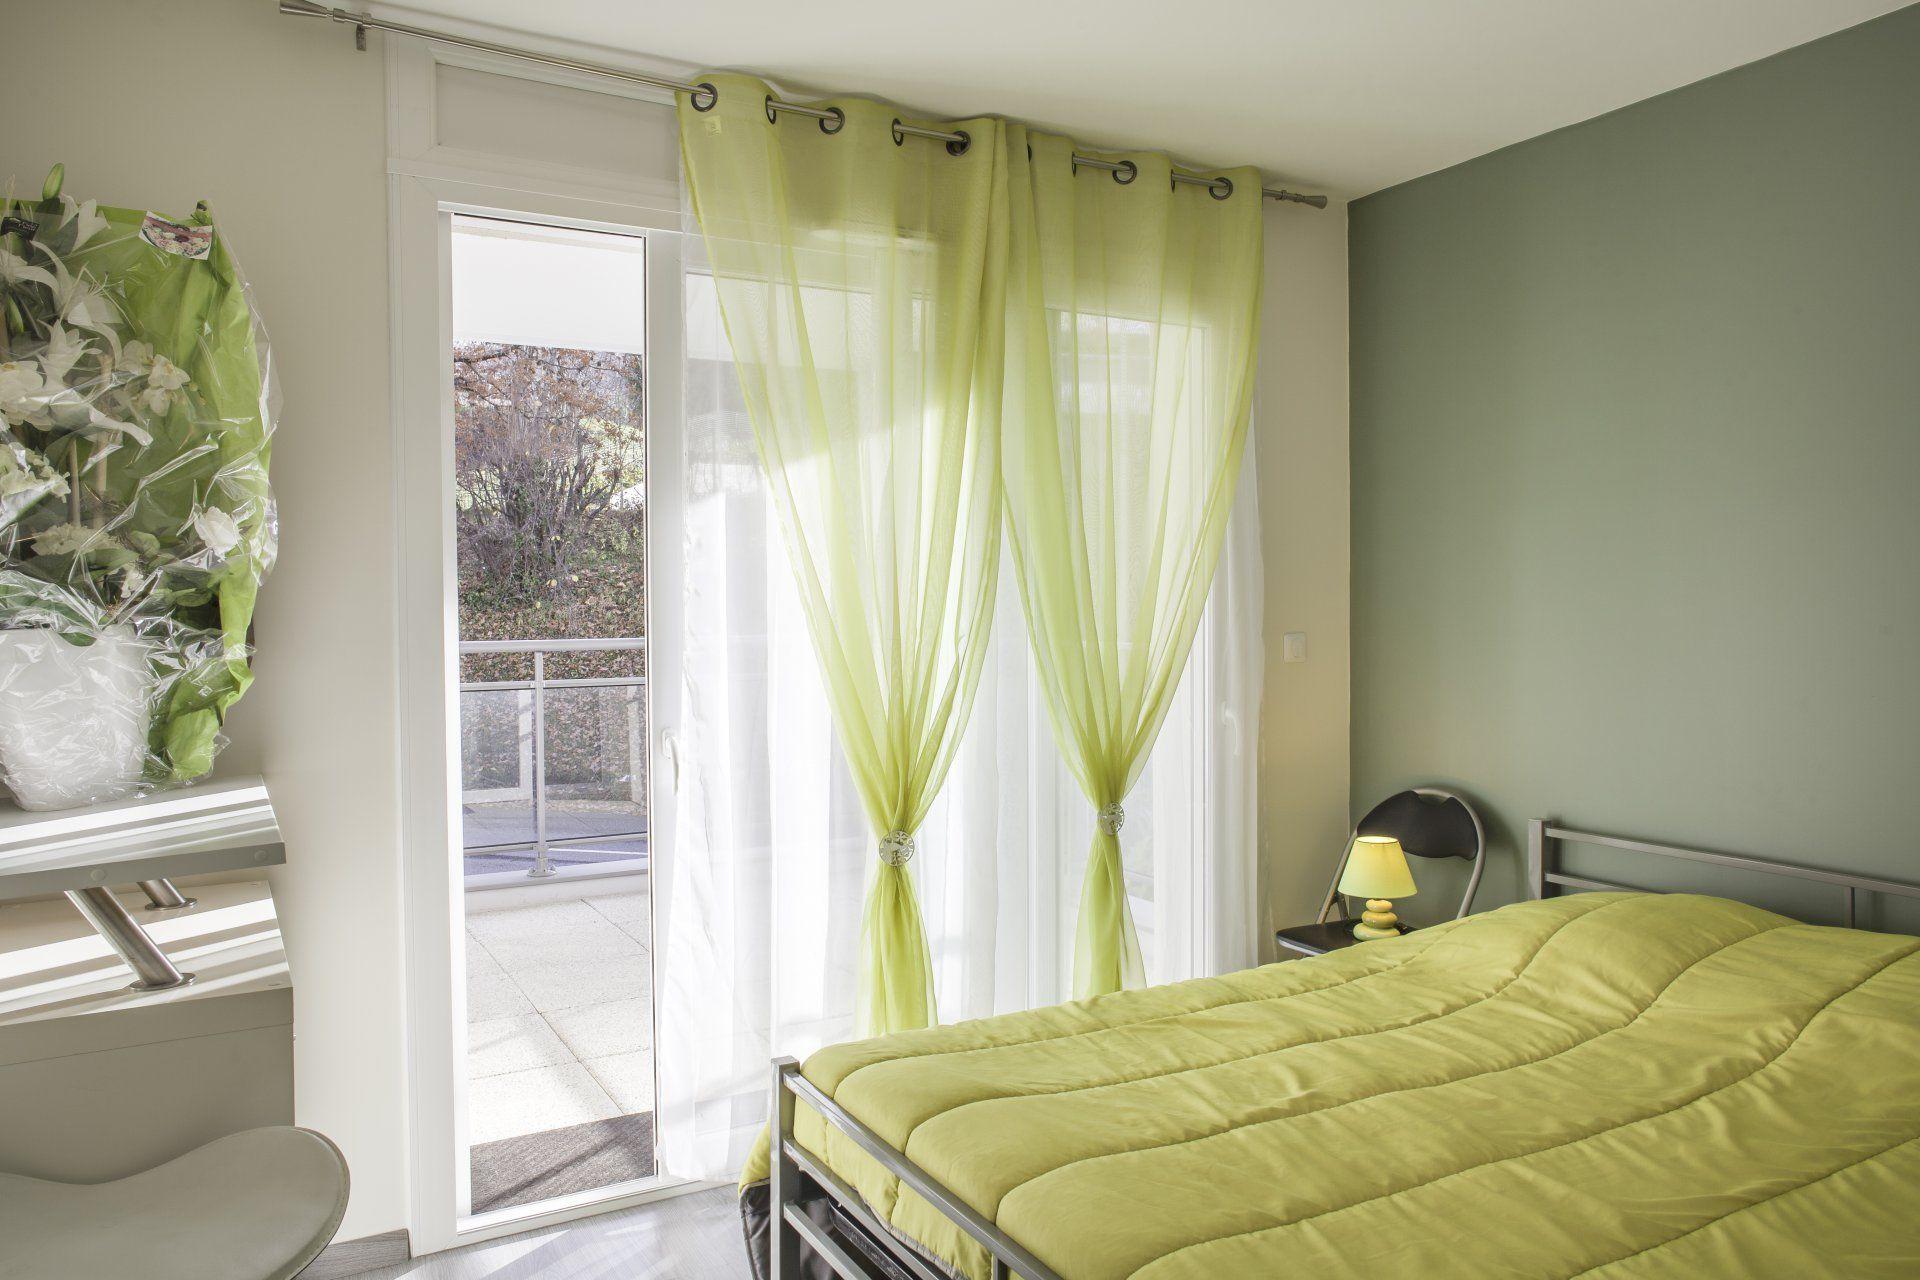 Evian-les-Bains - Apartment of 60 sq. m - 2 bedrooms